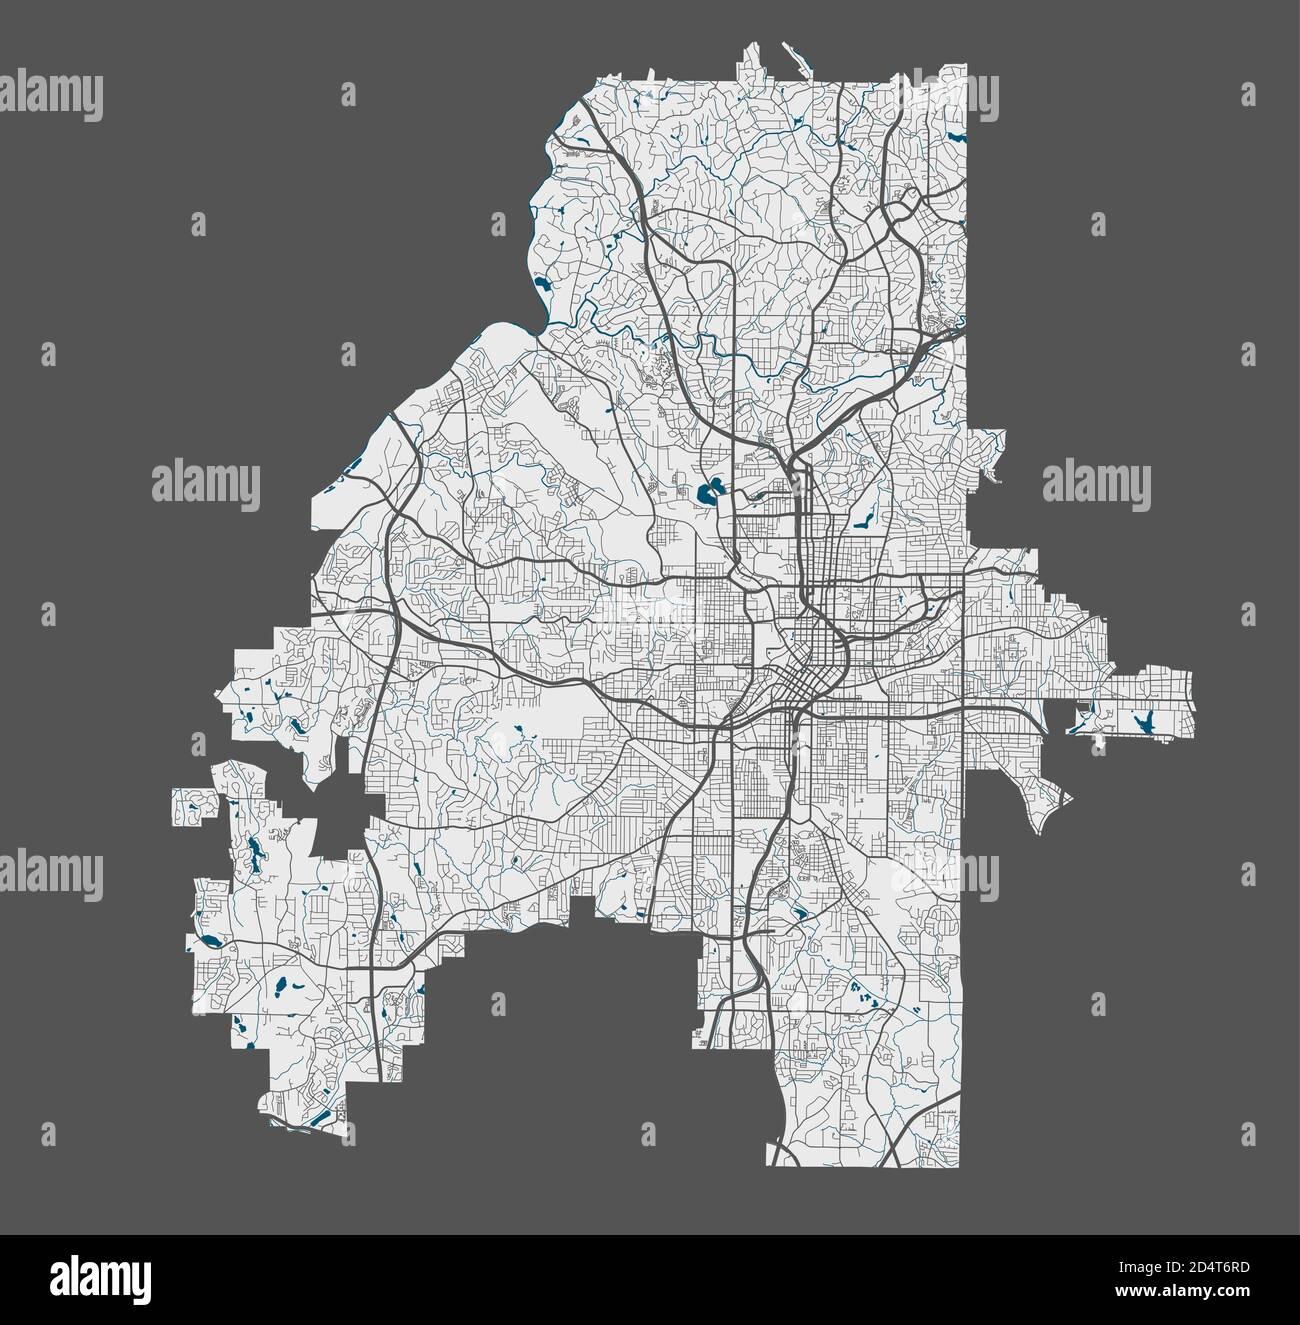 Carte d'Atlanta. Carte vectorielle détaillée de la zone administrative de la ville d'Atlanta. Affiche avec rues et eau sur fond gris. Illustration de Vecteur